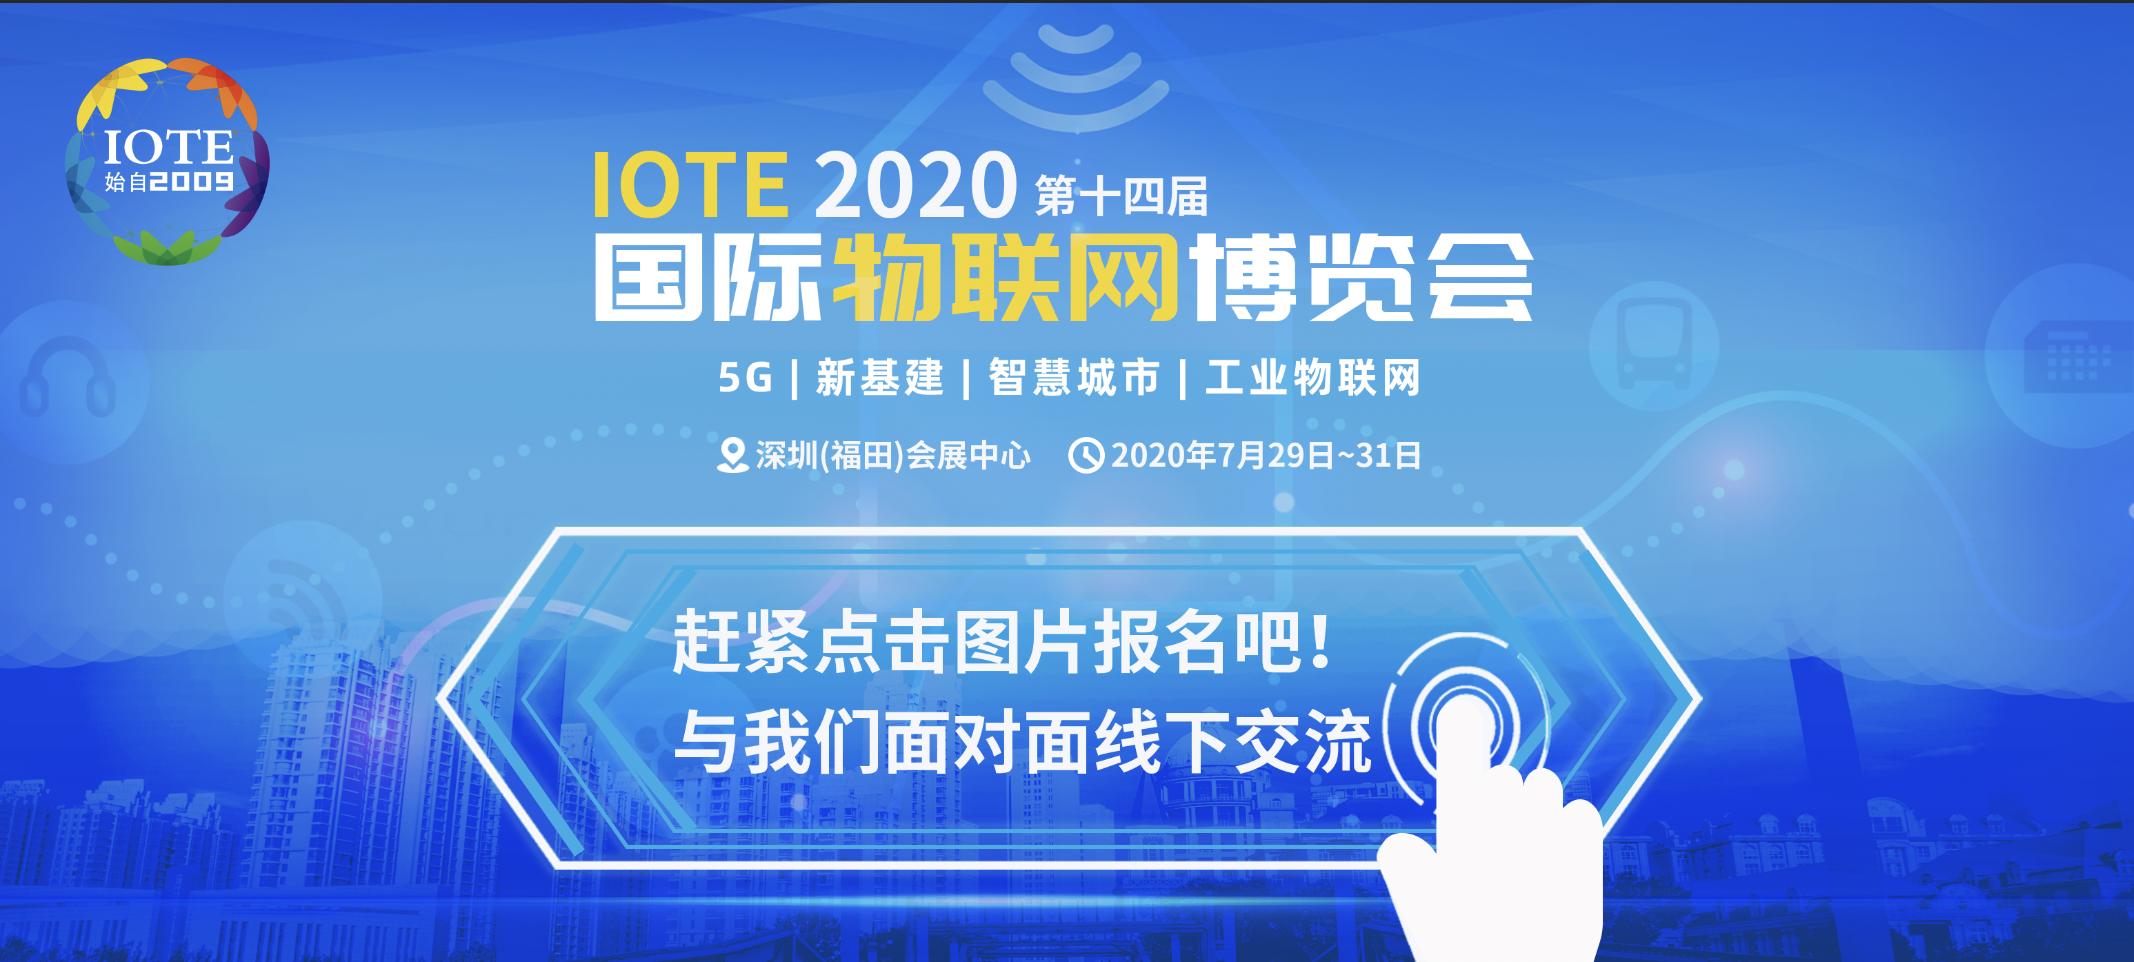 研产销一体化,点晨科技精彩亮相IOTE2020深圳国际物联网展